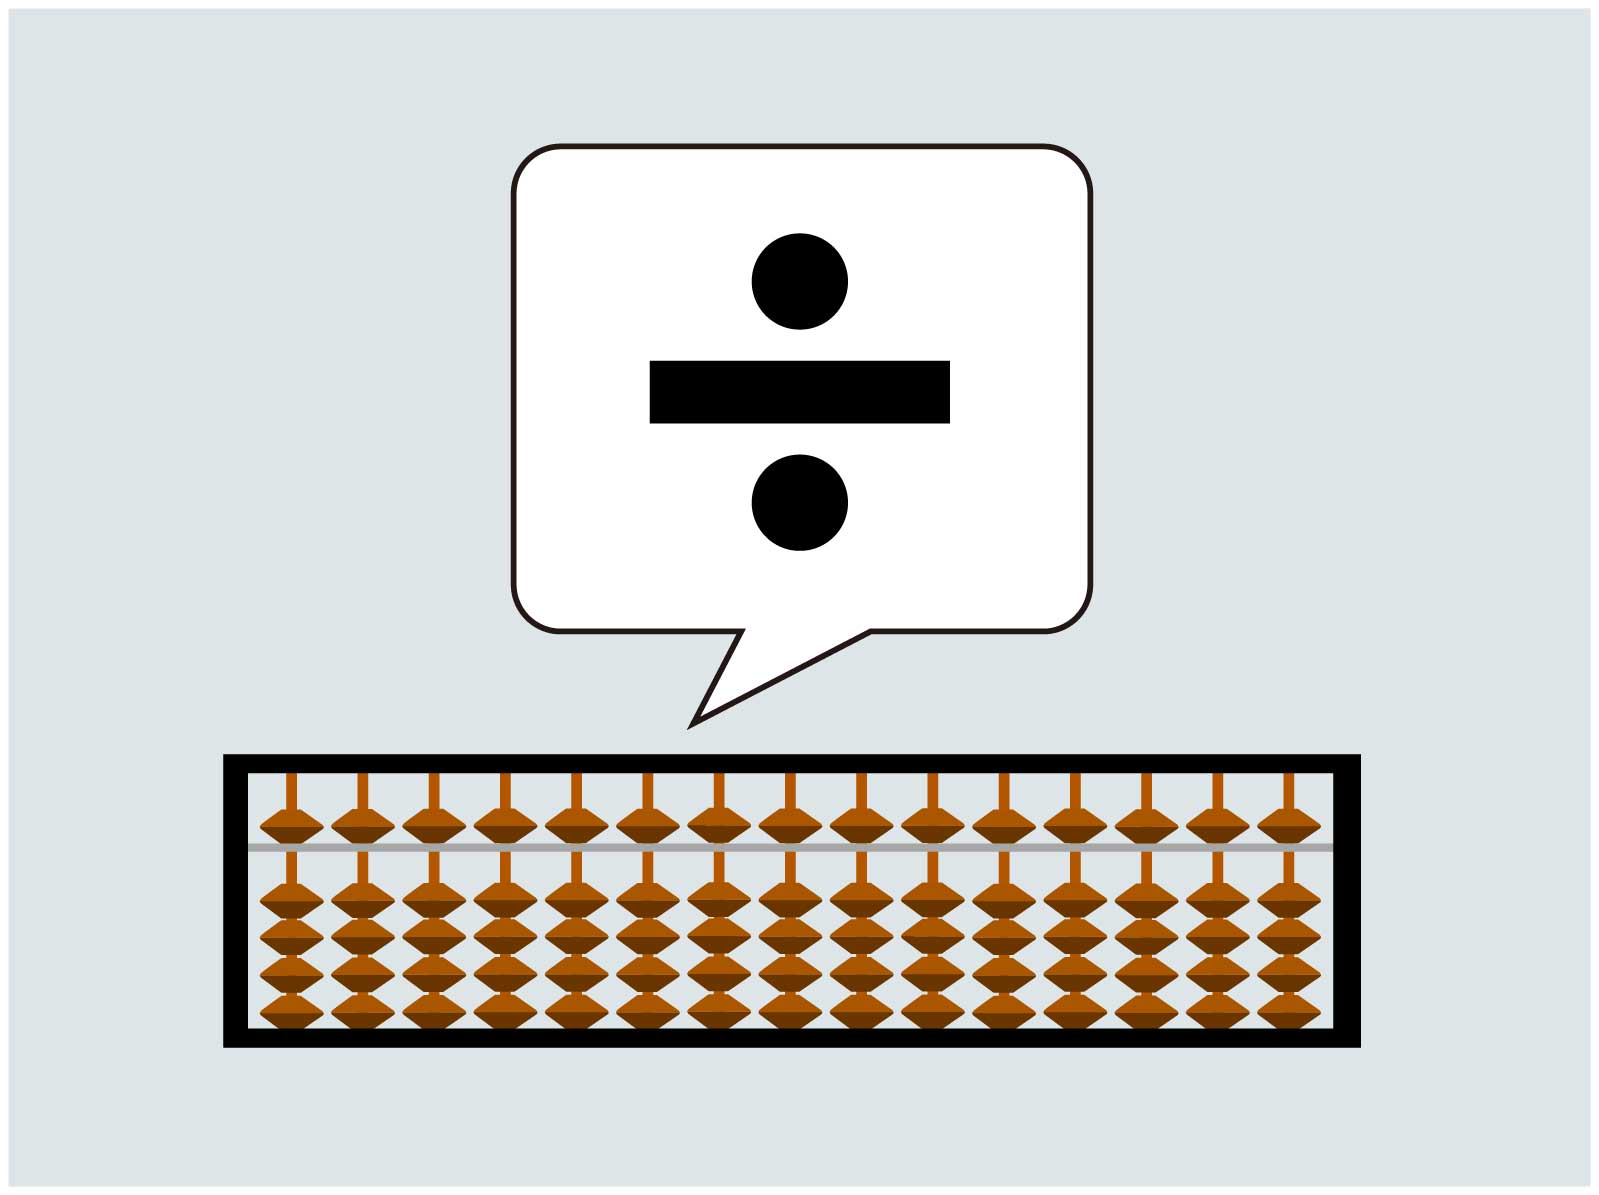 割り算の概念